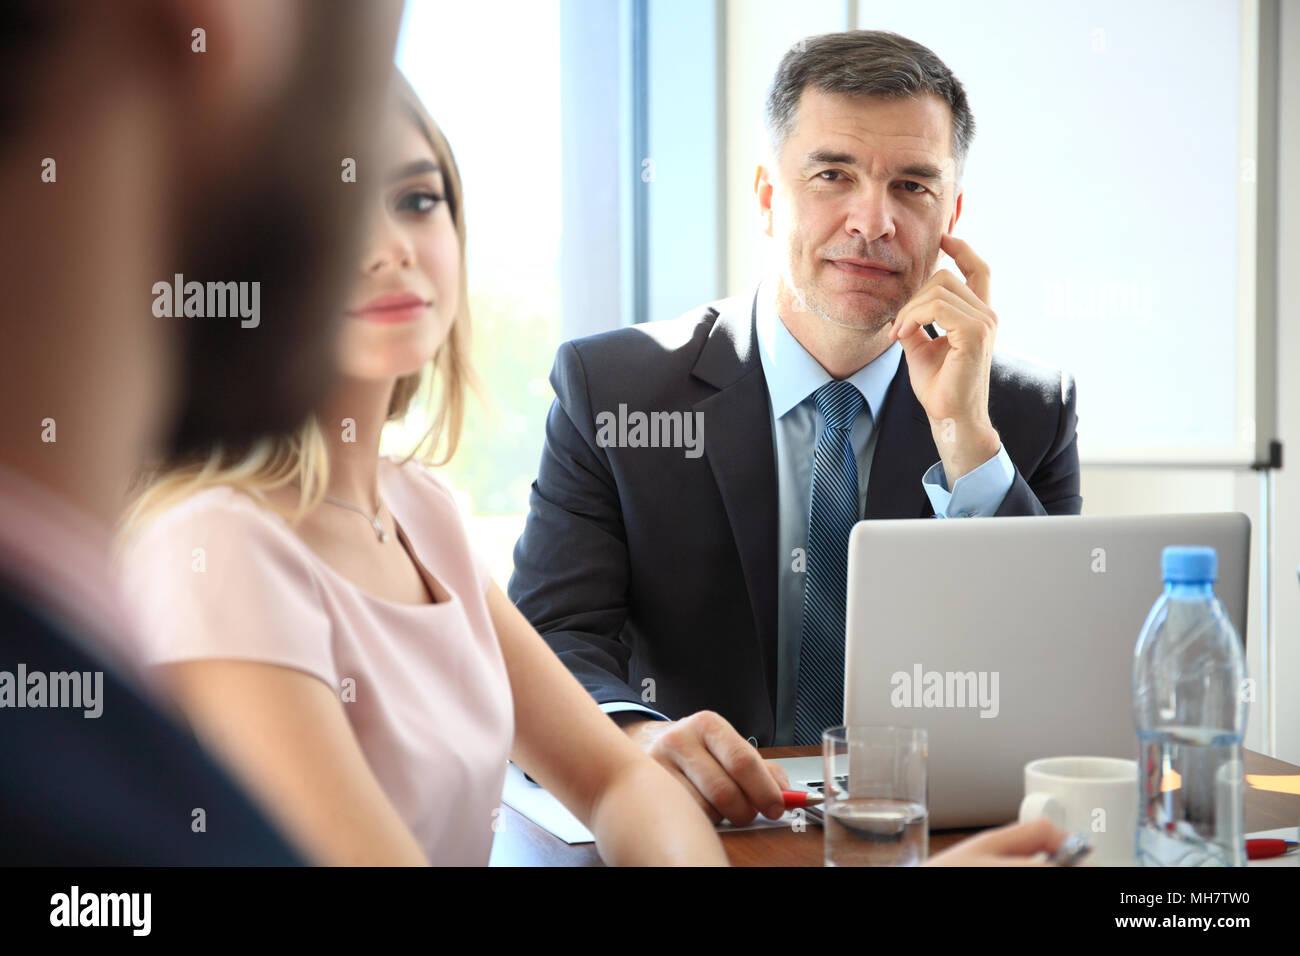 Porträt einer stattlichen Geschäftsmann, verschwommen und Kollegen in den Hintergrund. Stockbild